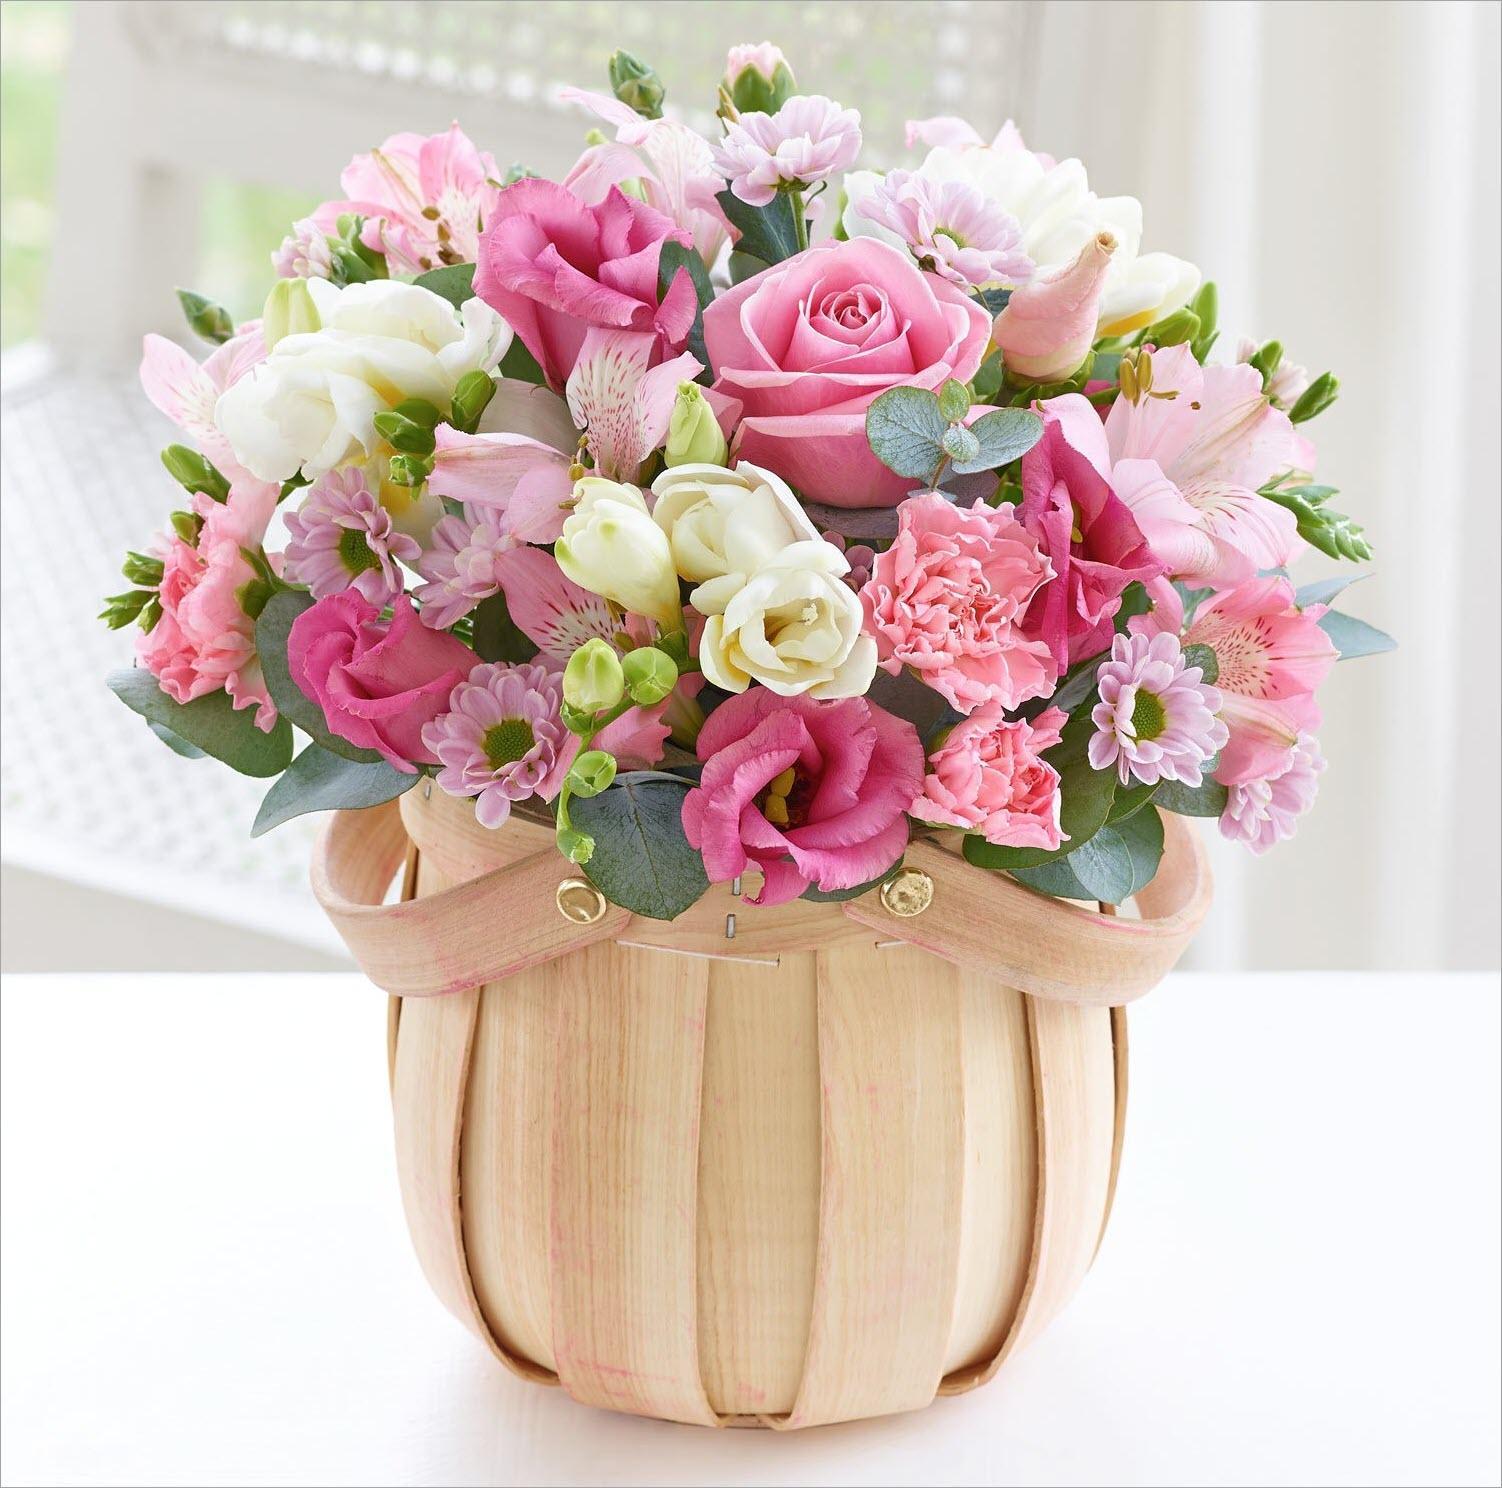 Ảnh có chứa cây, hoa, bó hoa, trong nhà  Mô tả được tạo tự động